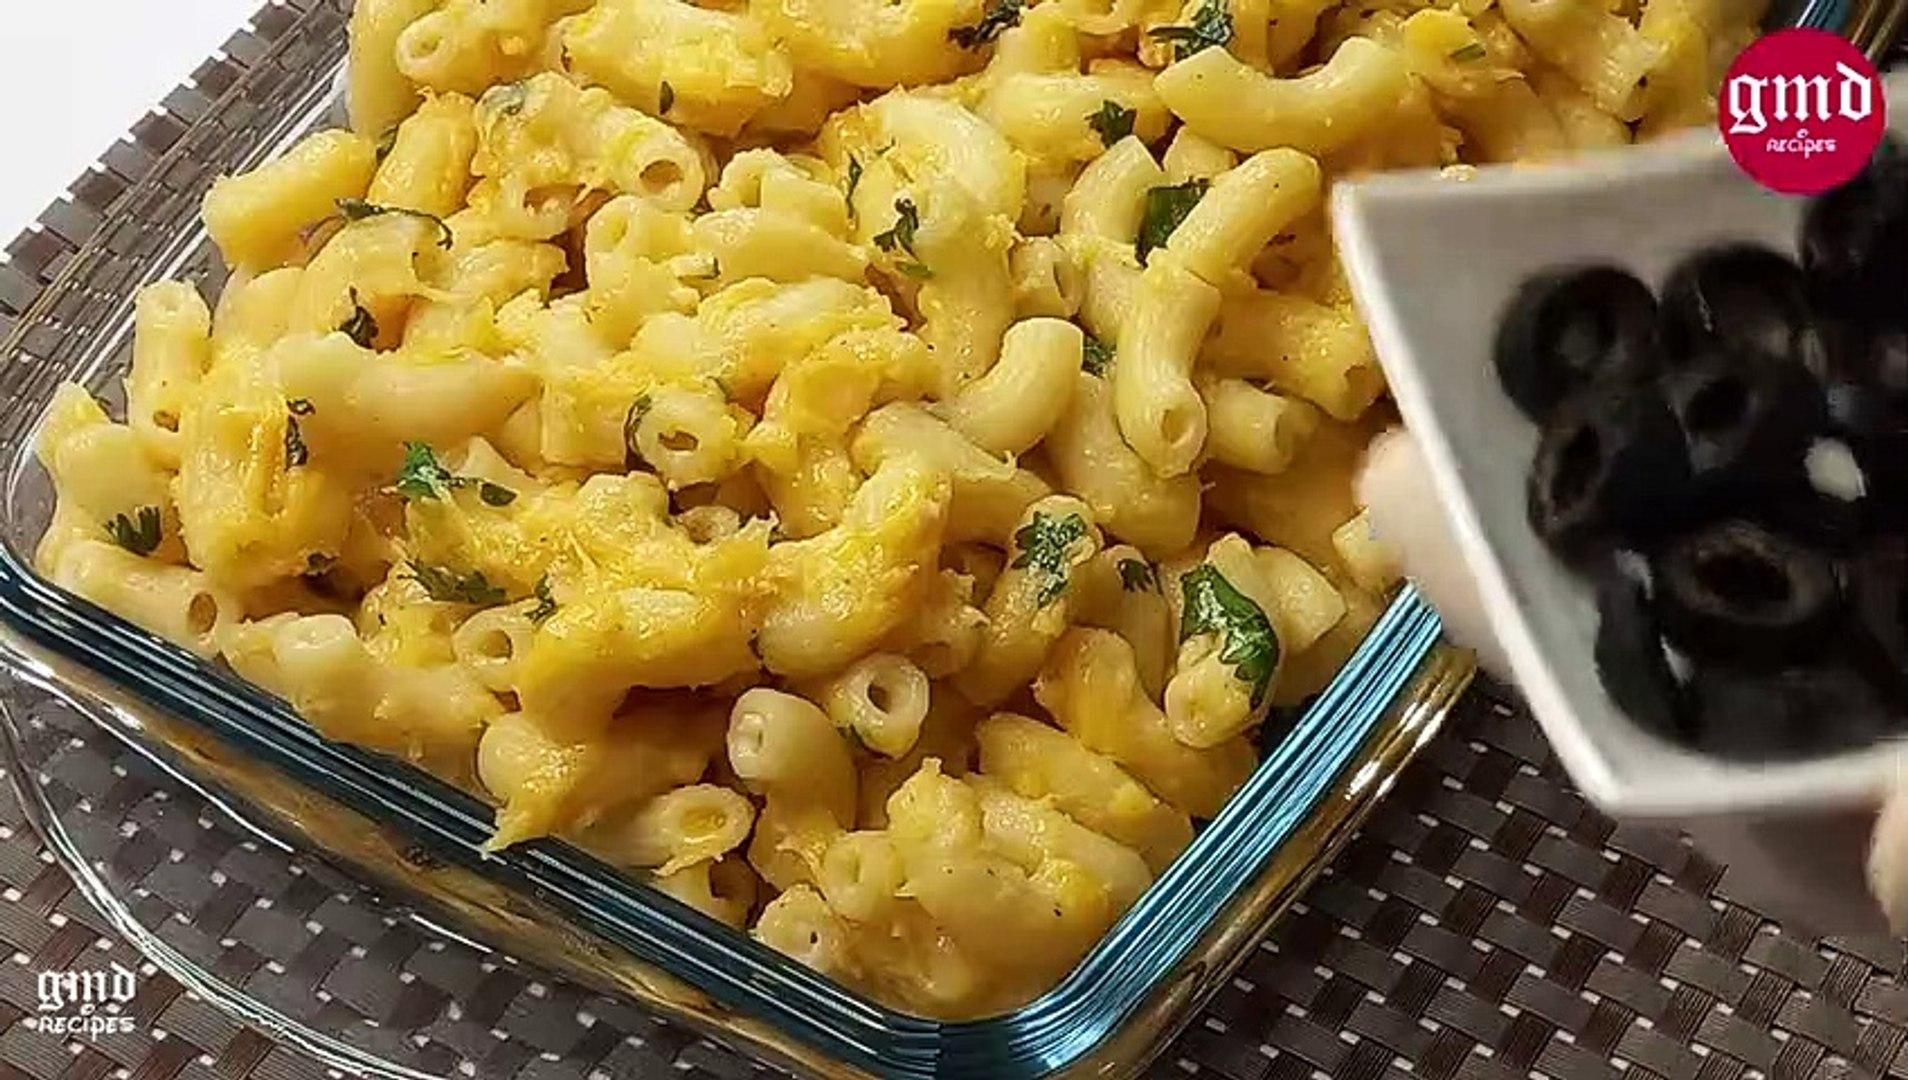 Mac and Cheese Recipe | Macaroni Salad Recipe | Macaroni and Cheese Recipe by GMD Recipes